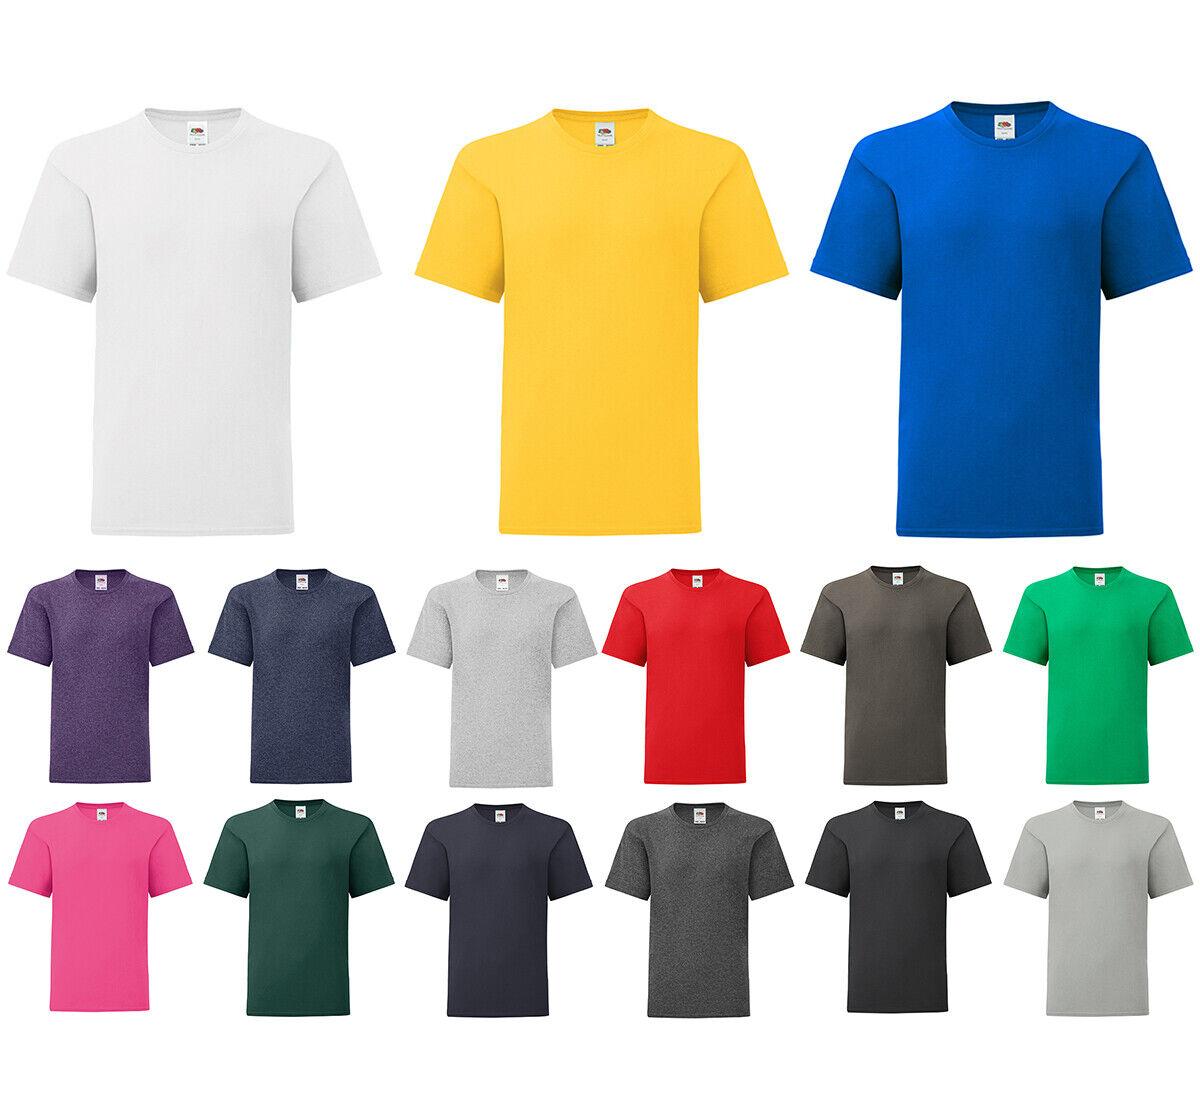 Kinder T-Shirt für Jungen Mädchen Shirt Baumwolle Rundhals Fruit of the Loom